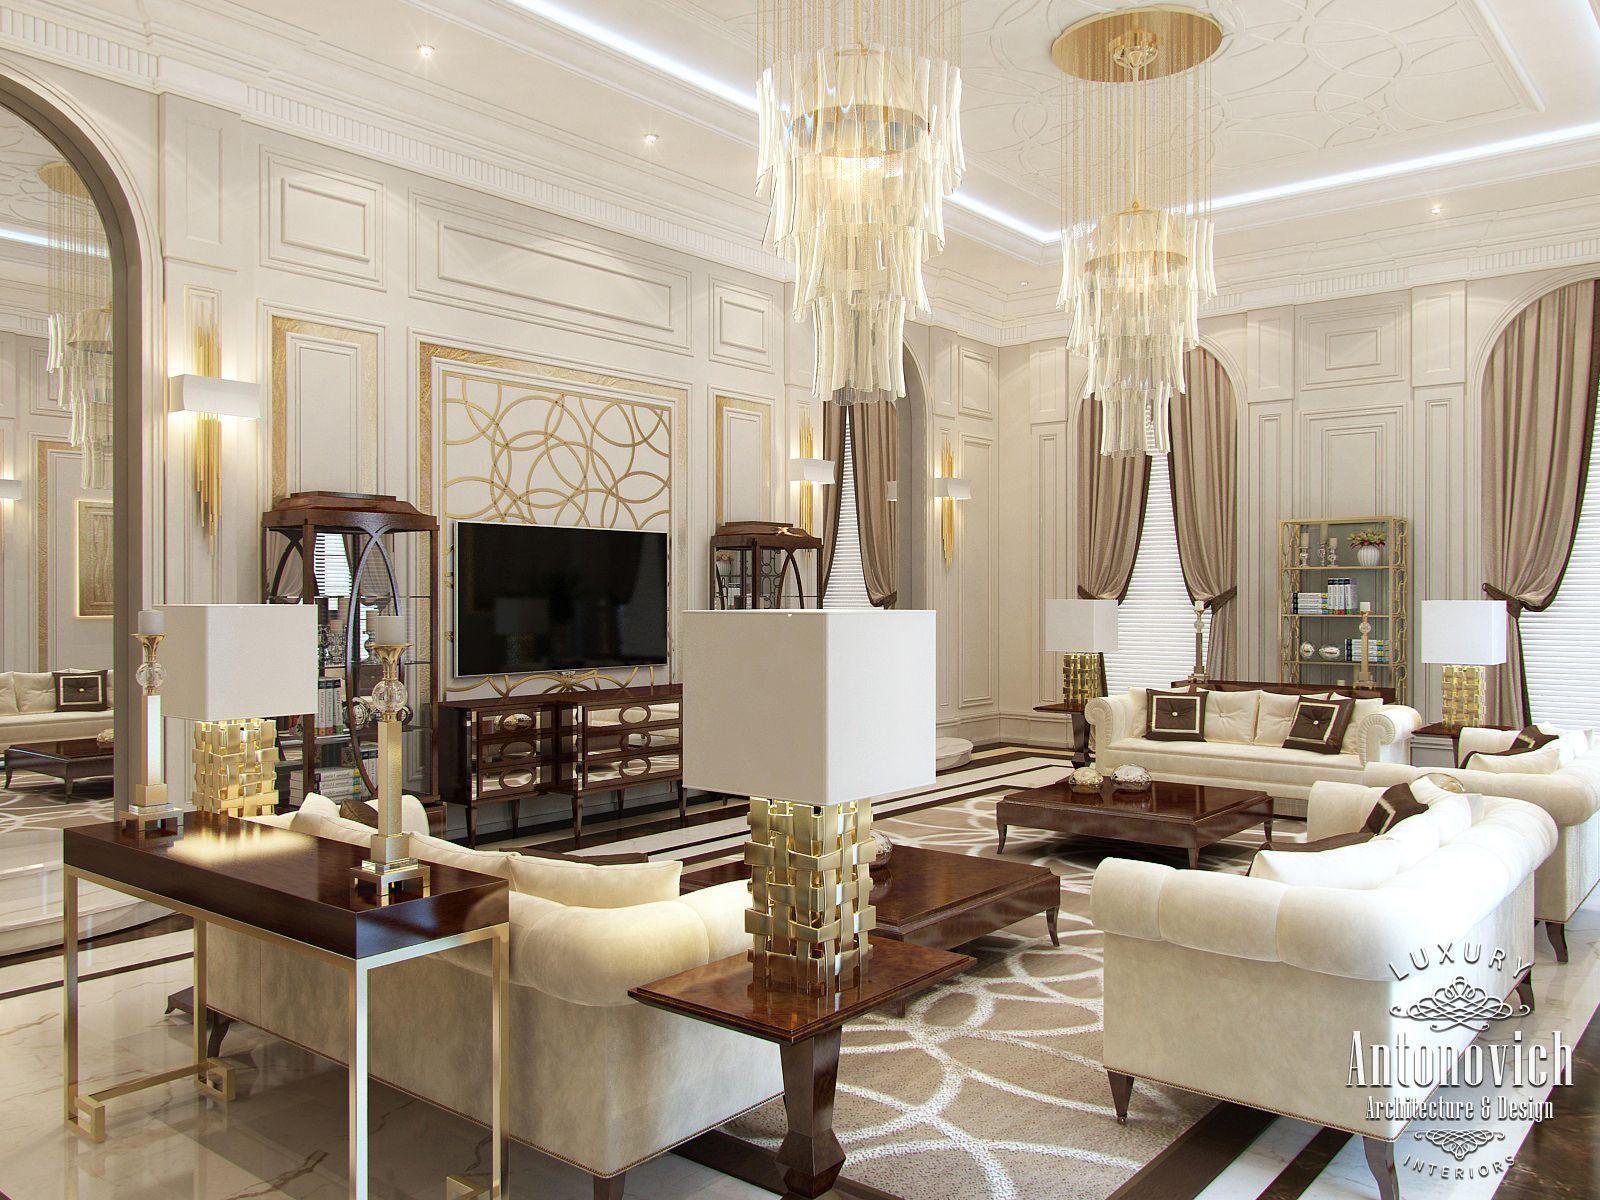 Katrina antonovich furniture design luxury home decor - Interior design courses in dubai ...